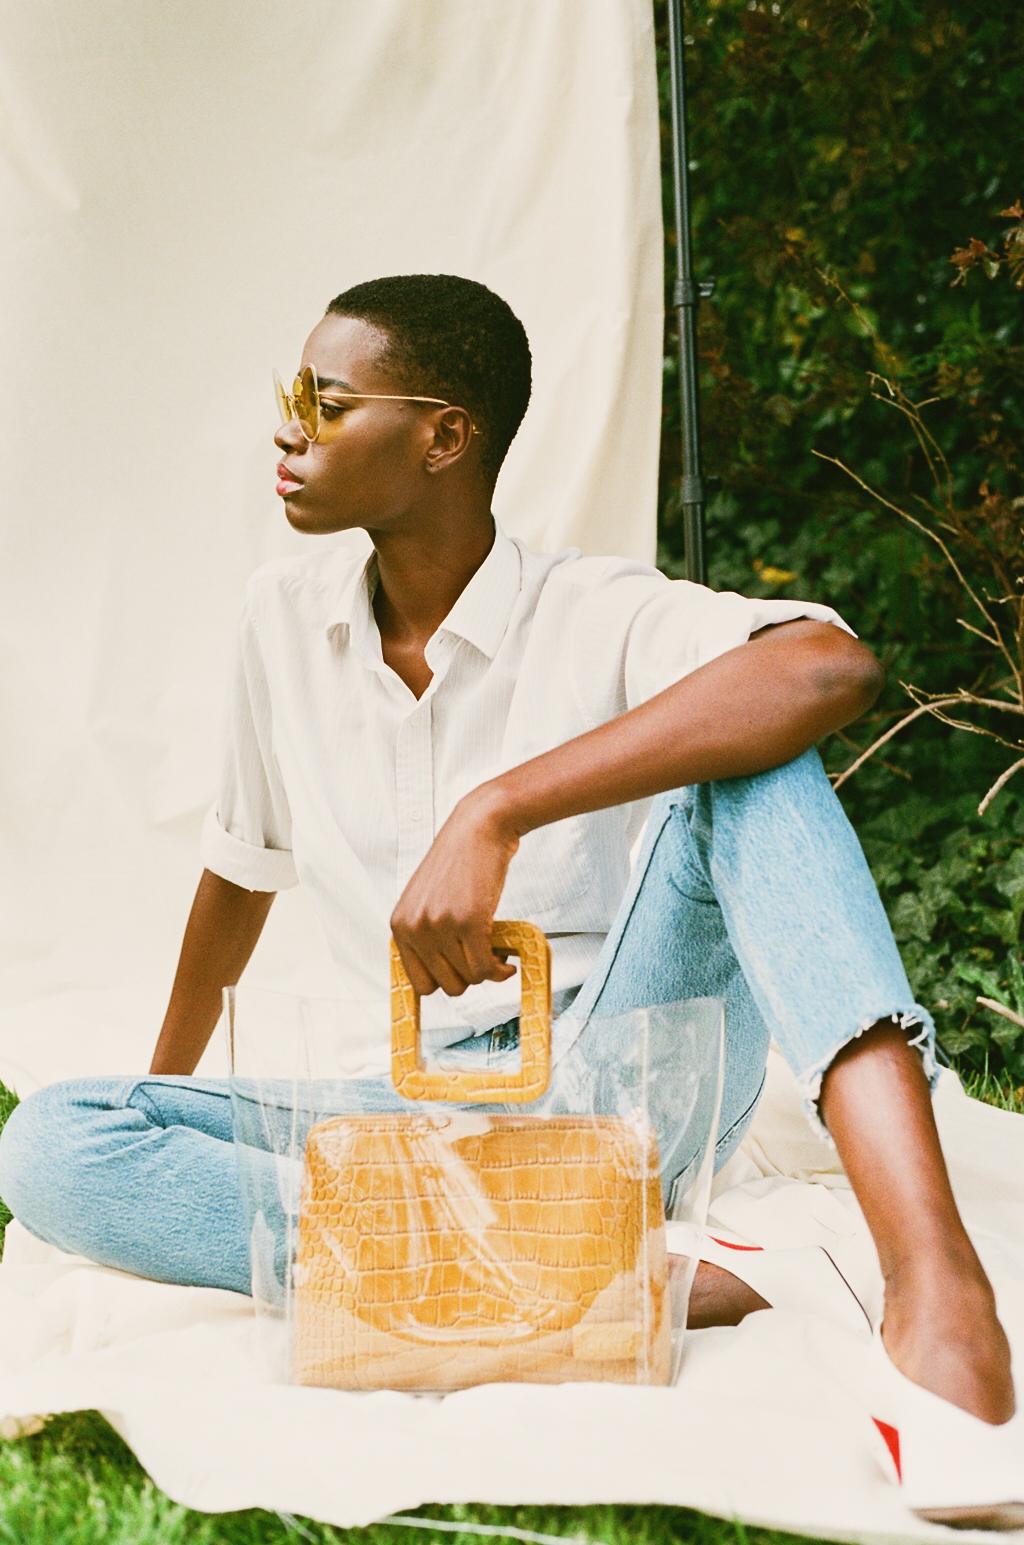 Sunglasses- Moy Atelier  Shirt -Vintage  Jeans - RE/DONE   Shoes -Neous  Bag -Staud